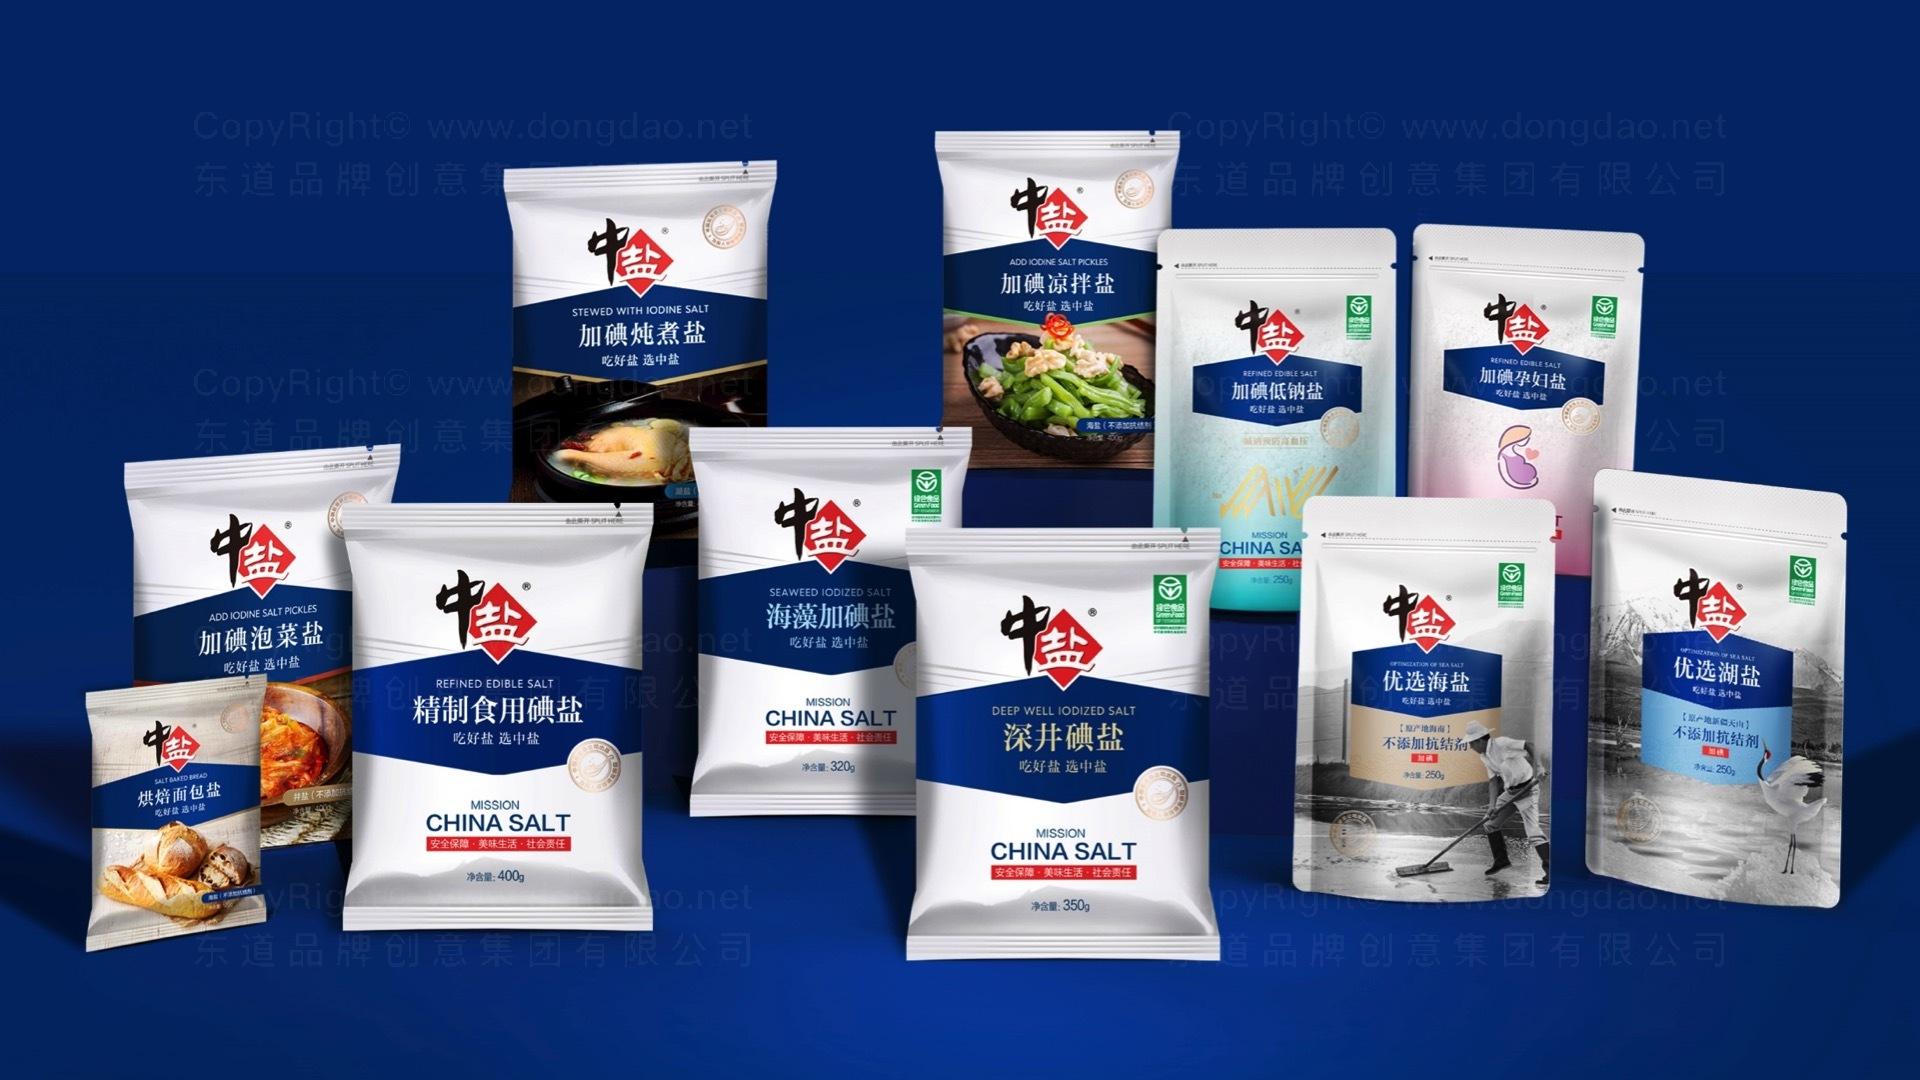 品牌战略&企业文化中盐品牌战略与包装体系设计应用场景_1